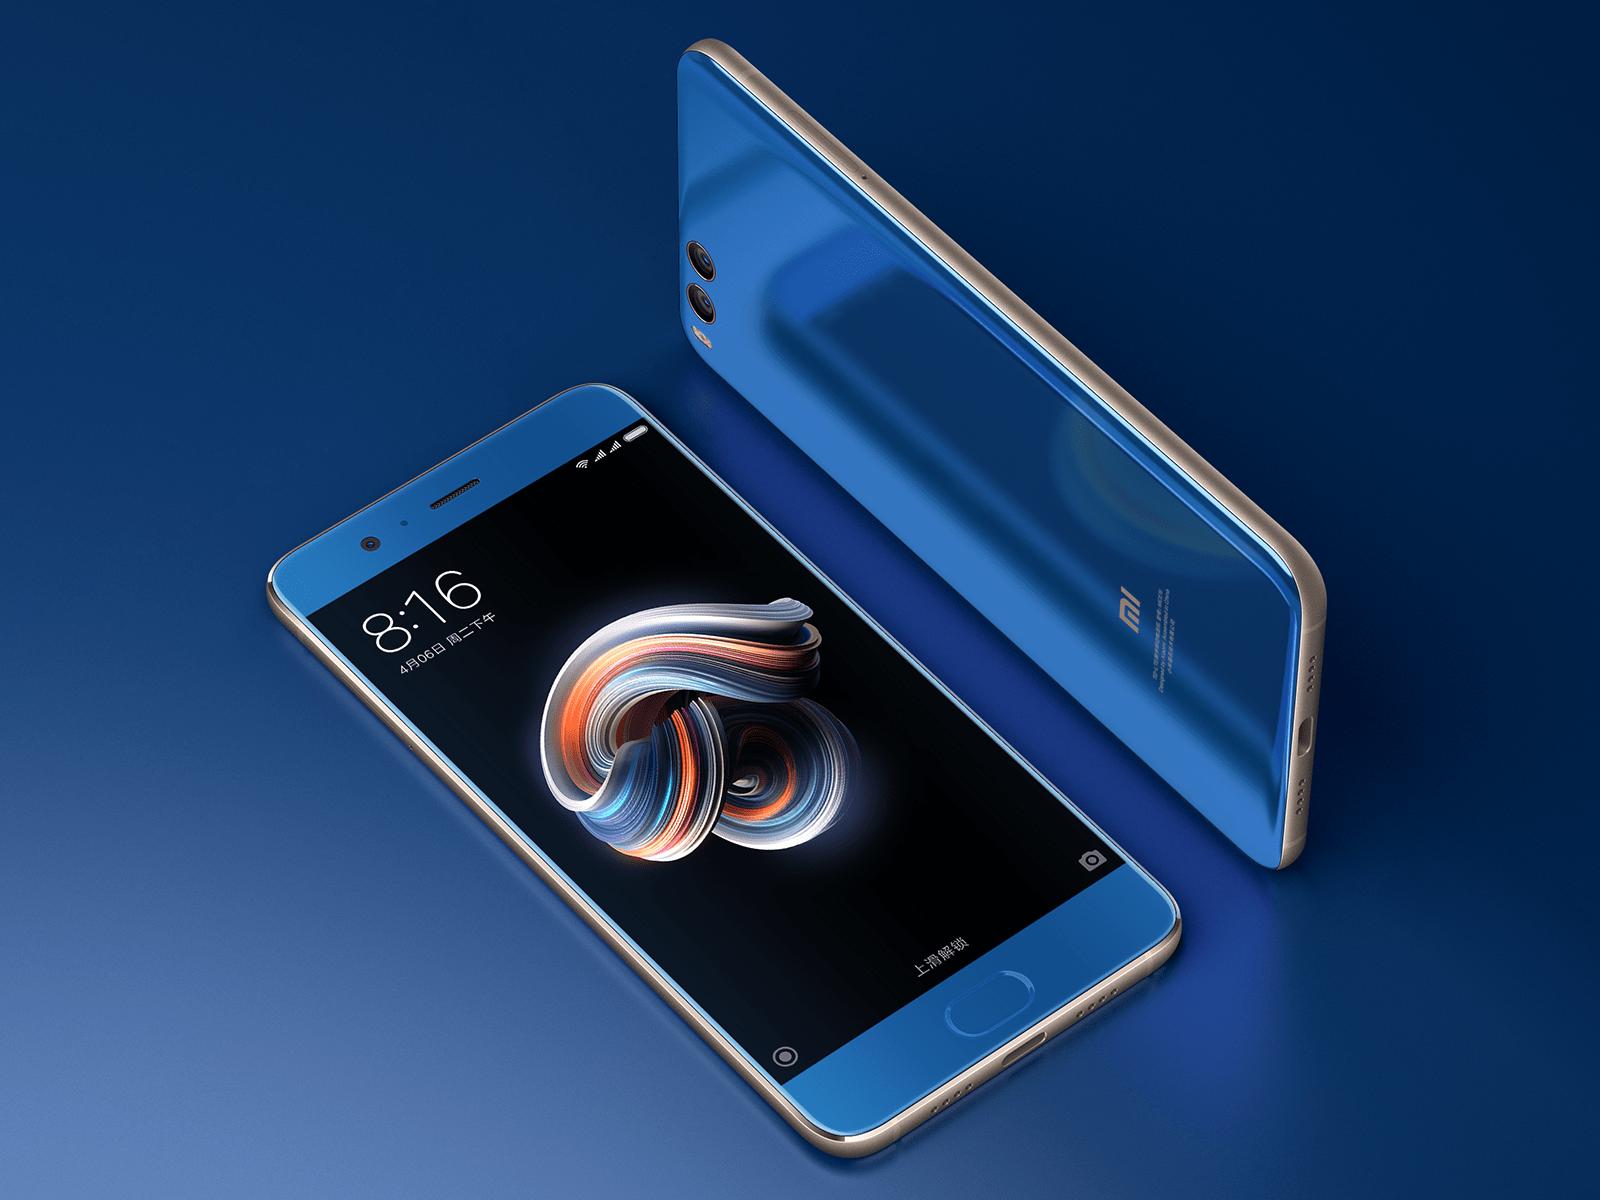 Le Xiaomi Mi Note 3 est disponible en précommande chez GearBest à 383,50 euros